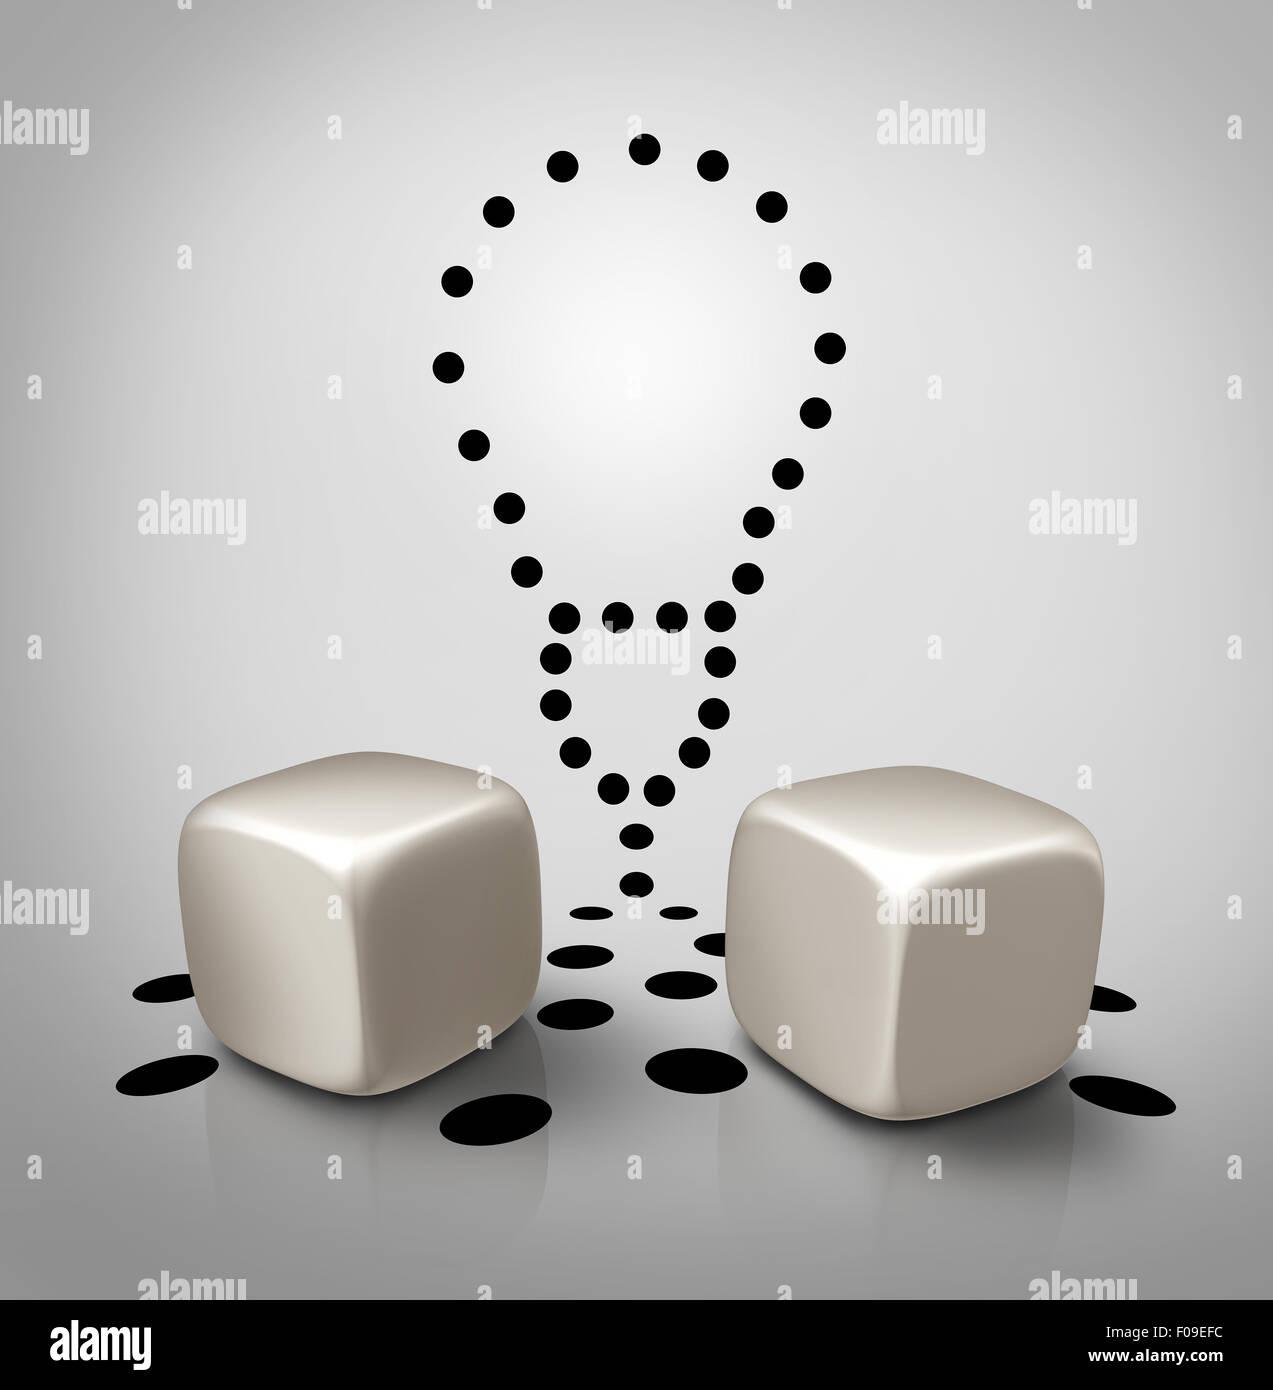 Idee und Erfindung Symbol-Dice-Konzept mit Flecken in Form einer Glühbirne als kreatives Unternehmen Symbol Stockbild